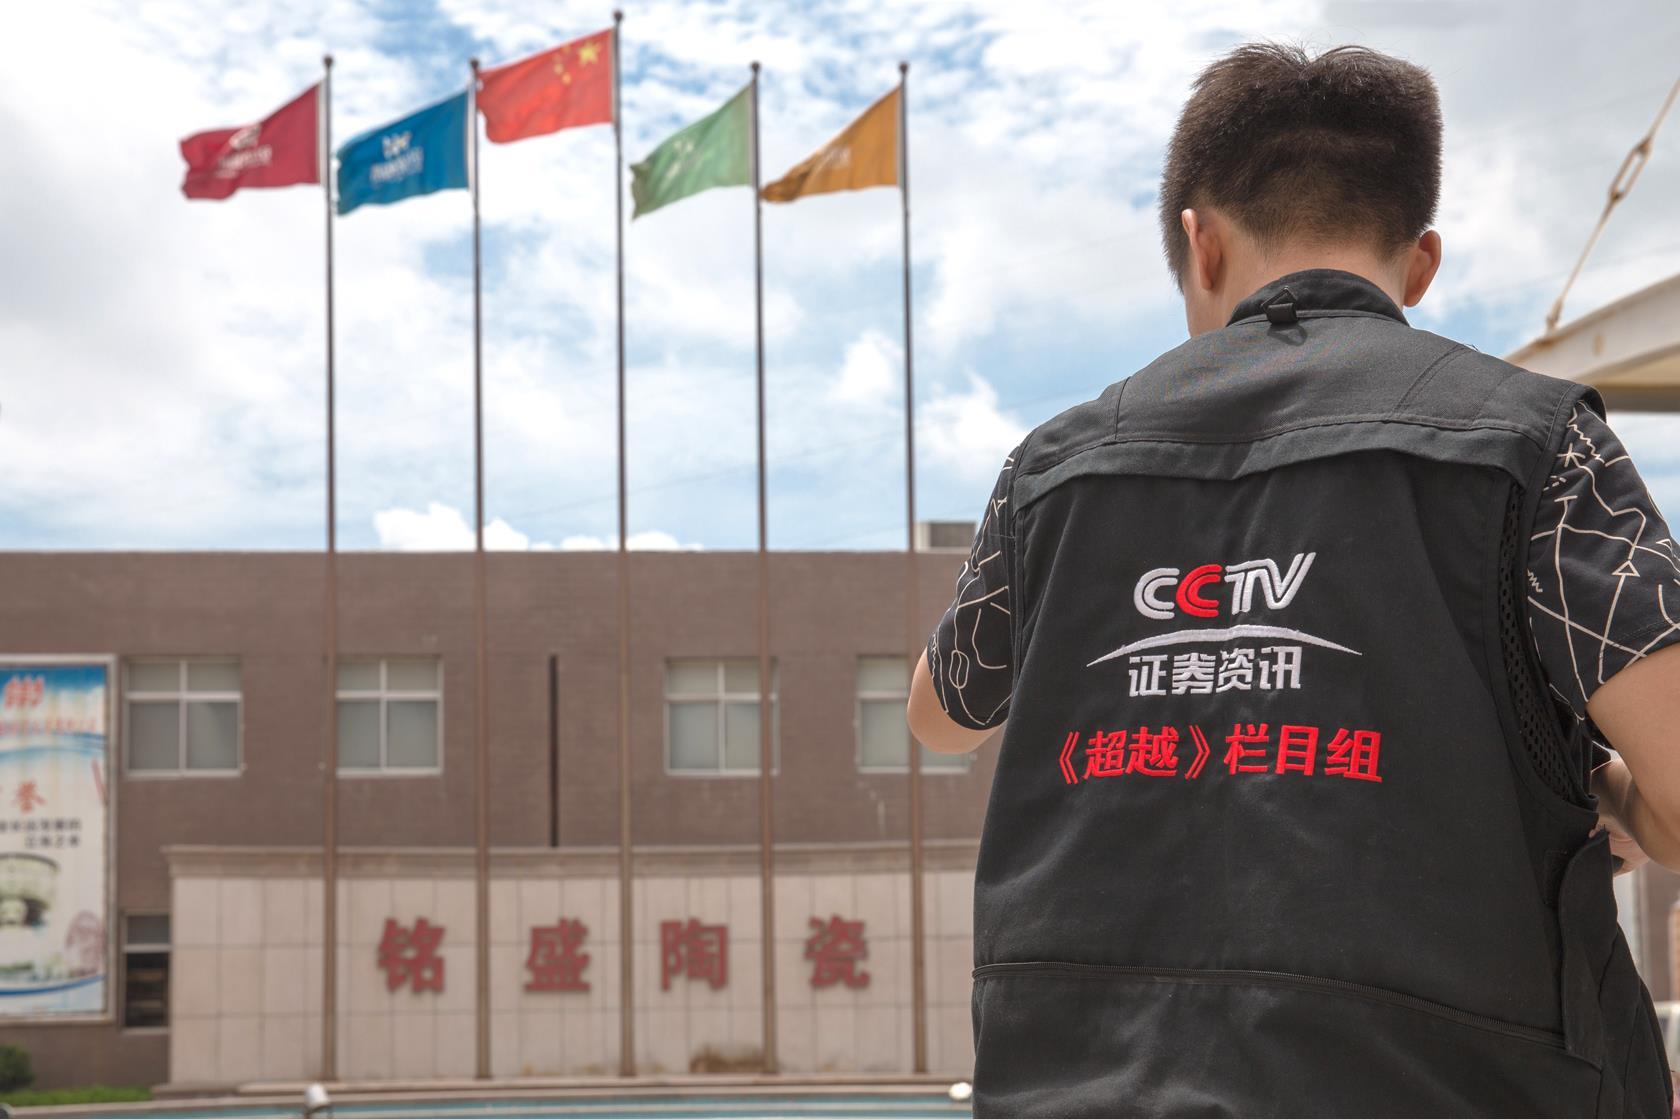 CCTV證券資訊頻道《超越》欄目攝制組走進銘盛陶瓷